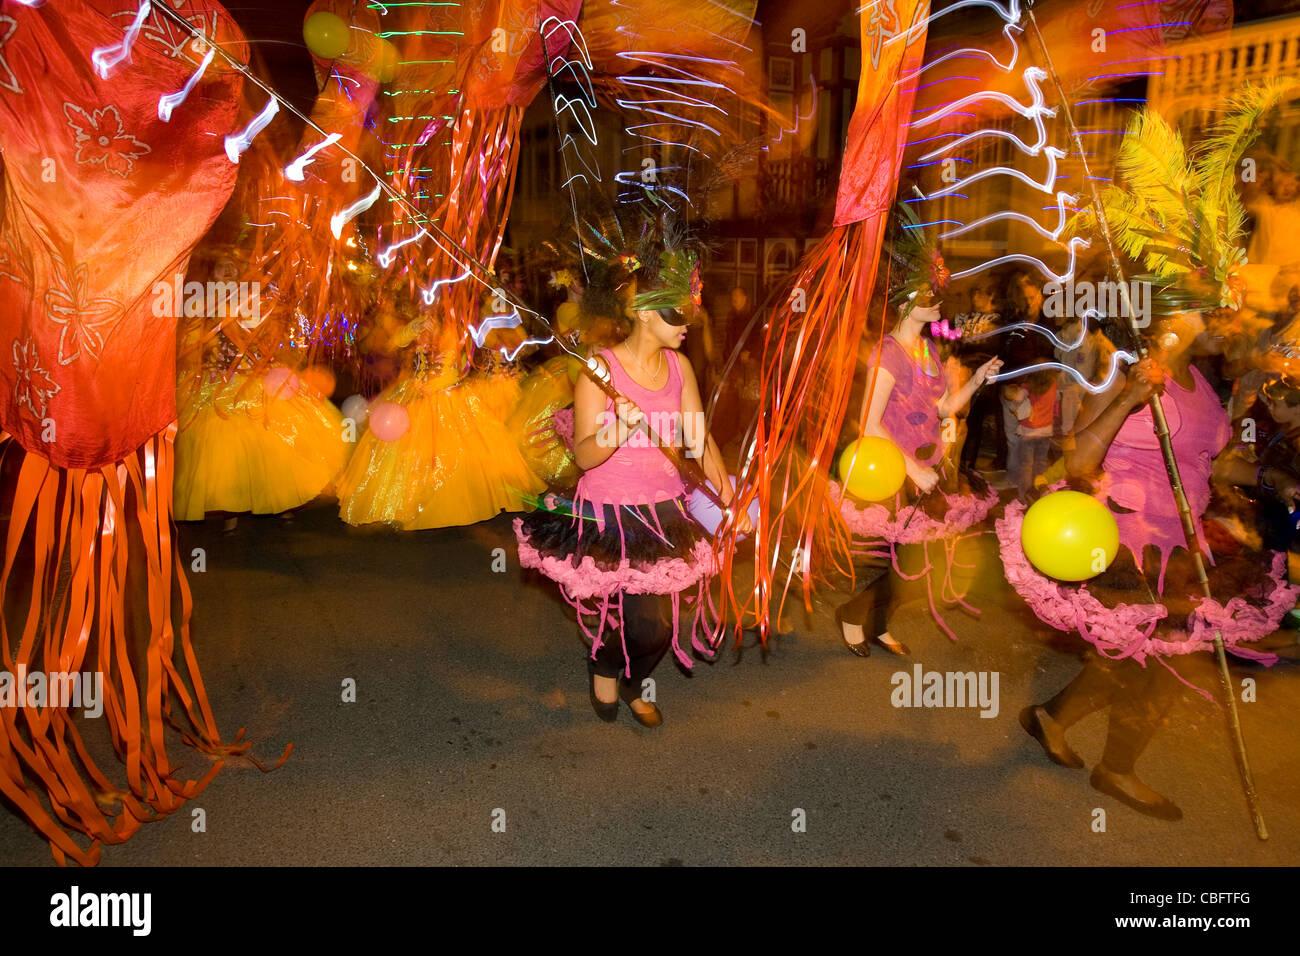 Illuminated, Carnival, Ryde, Isle of Wight, England, UK, - Stock Image